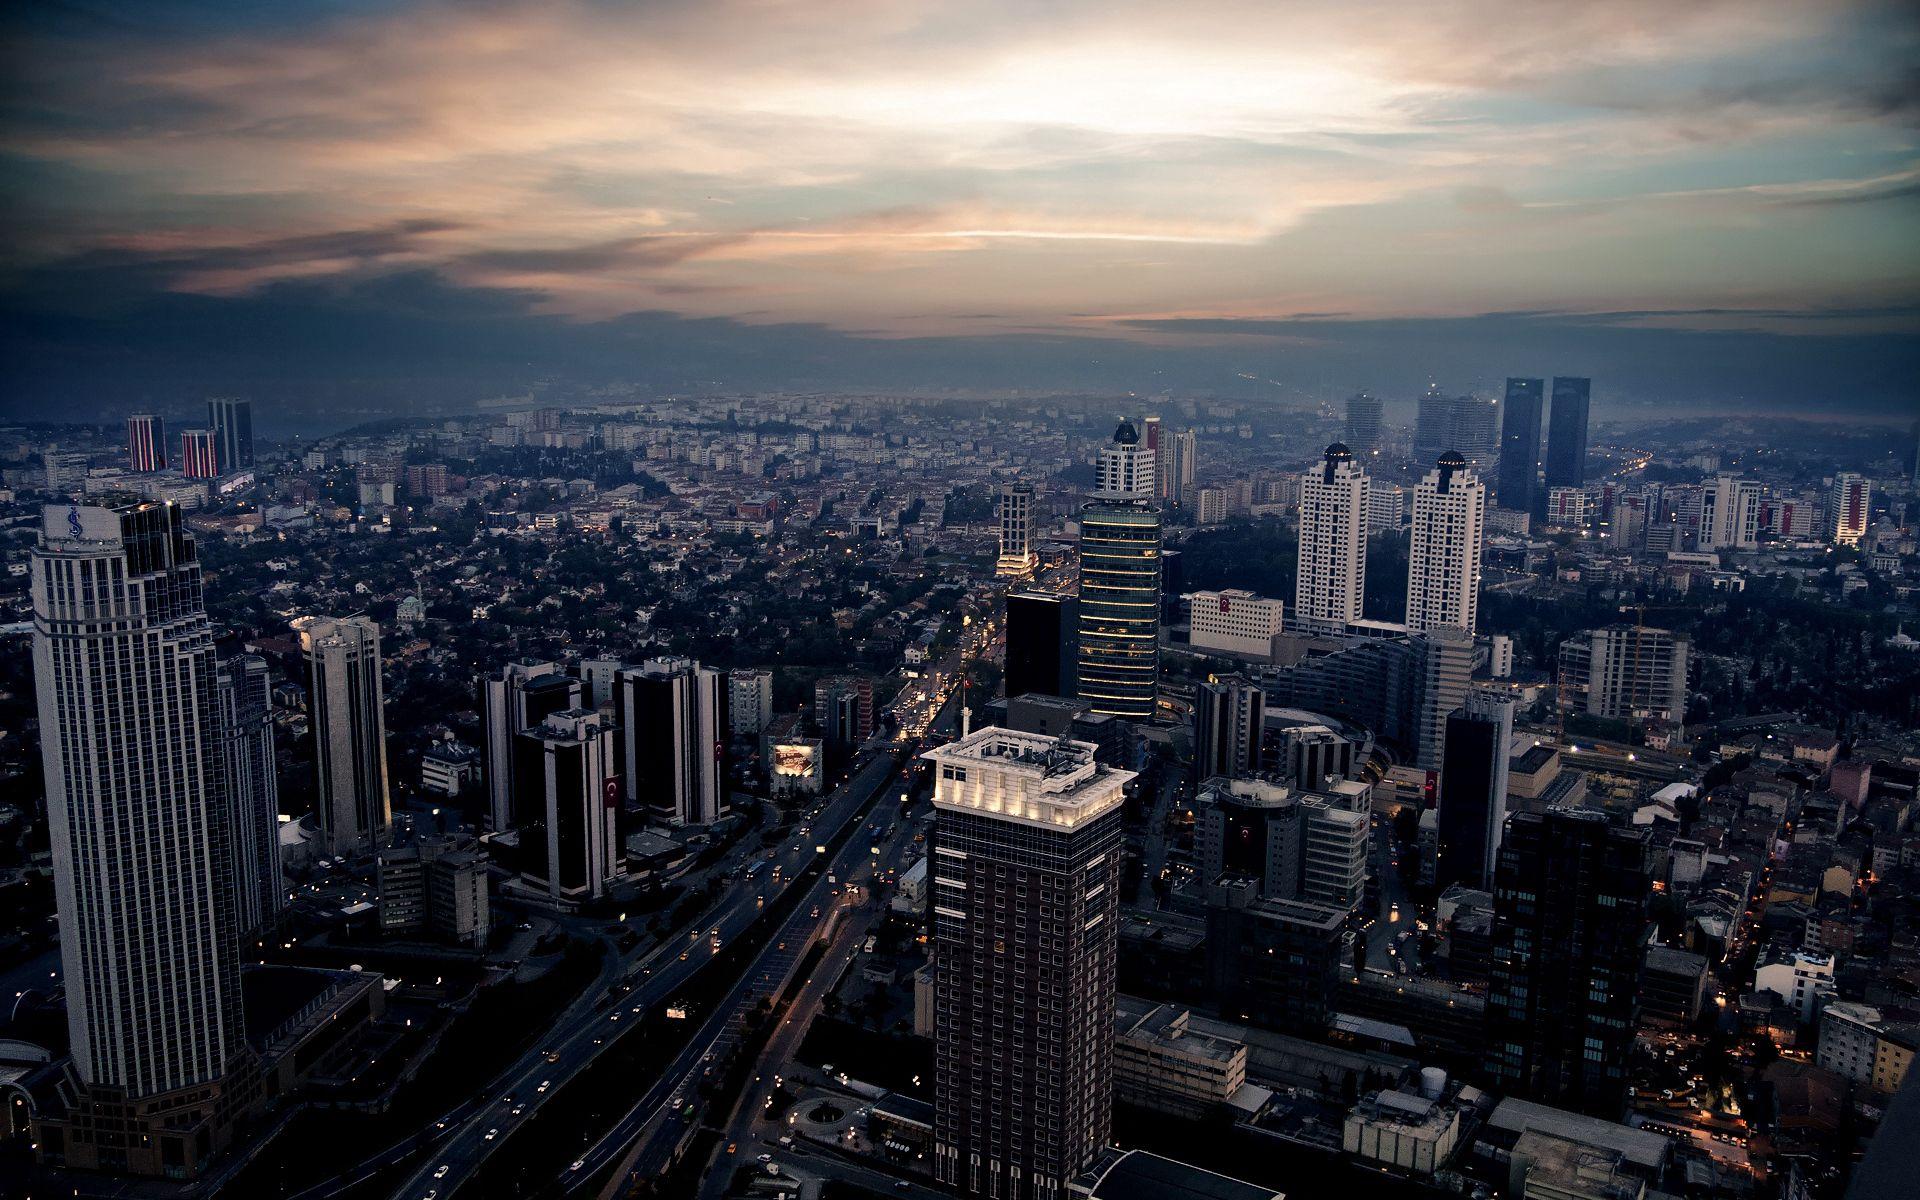 124598 скачать обои Город, Здания, Ночь, Огни, Небо, Вечер, Движение, Города, Машины - заставки и картинки бесплатно